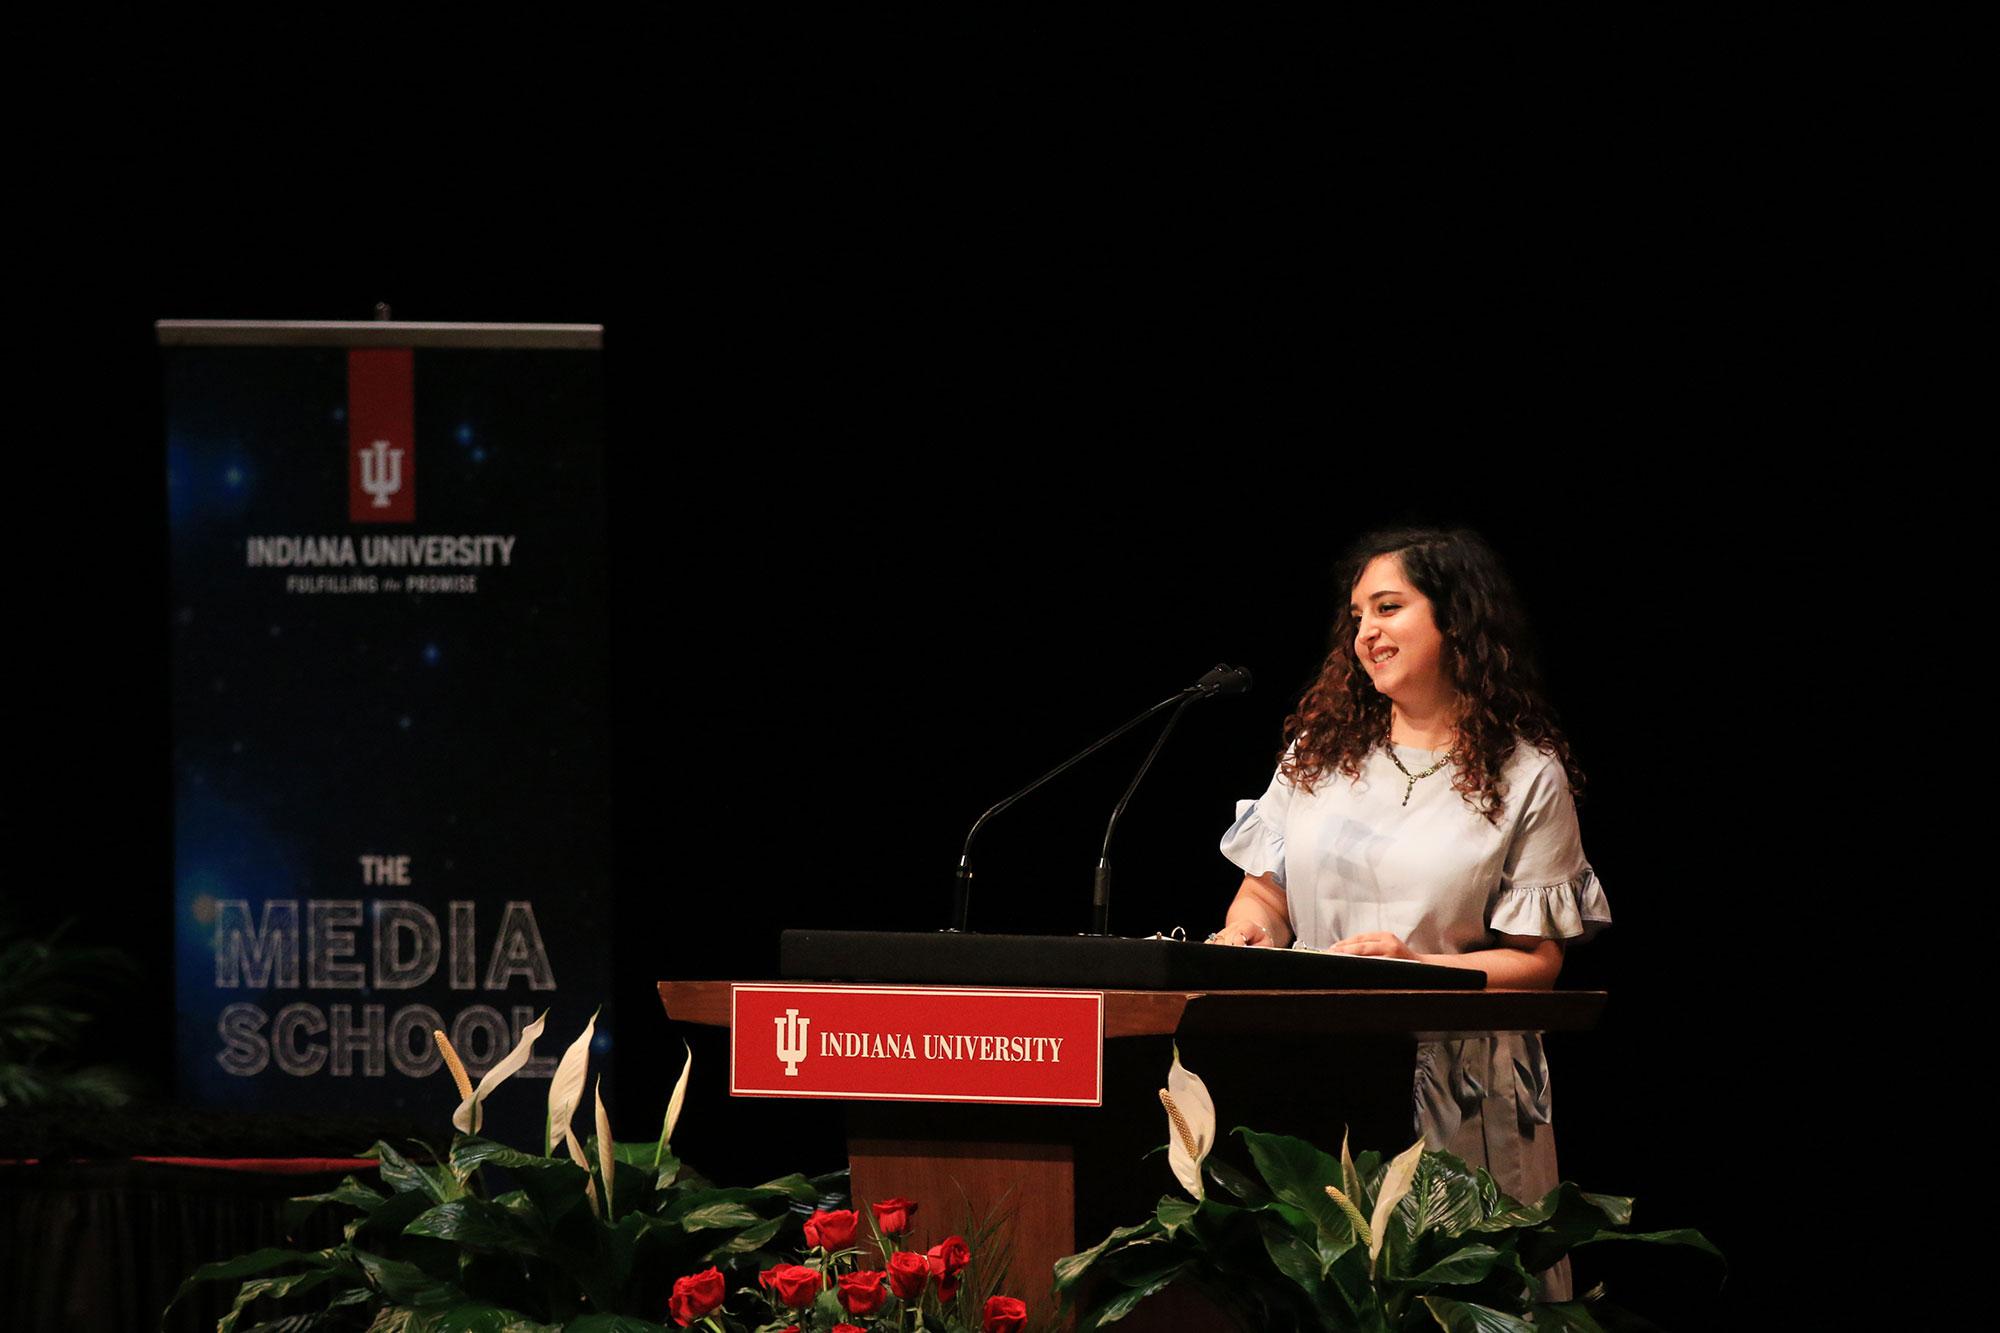 Naomi Farahan speaking at a podium